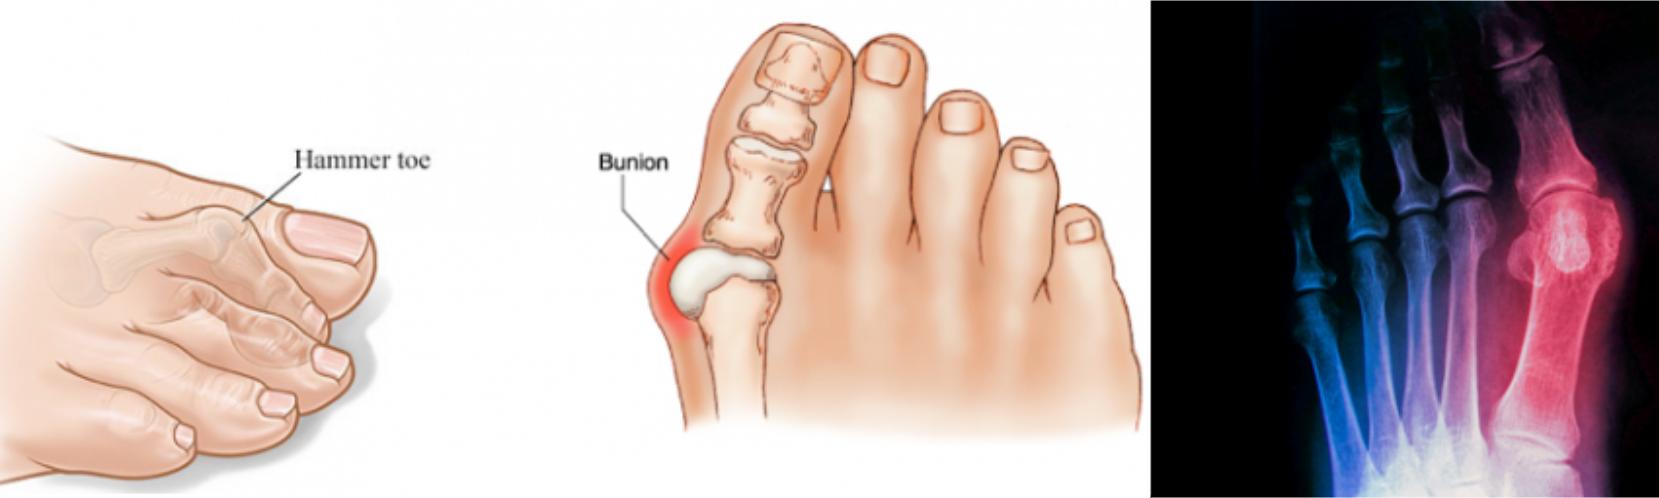 hogyan lehet kezelni a lábfej lábszárcsontját